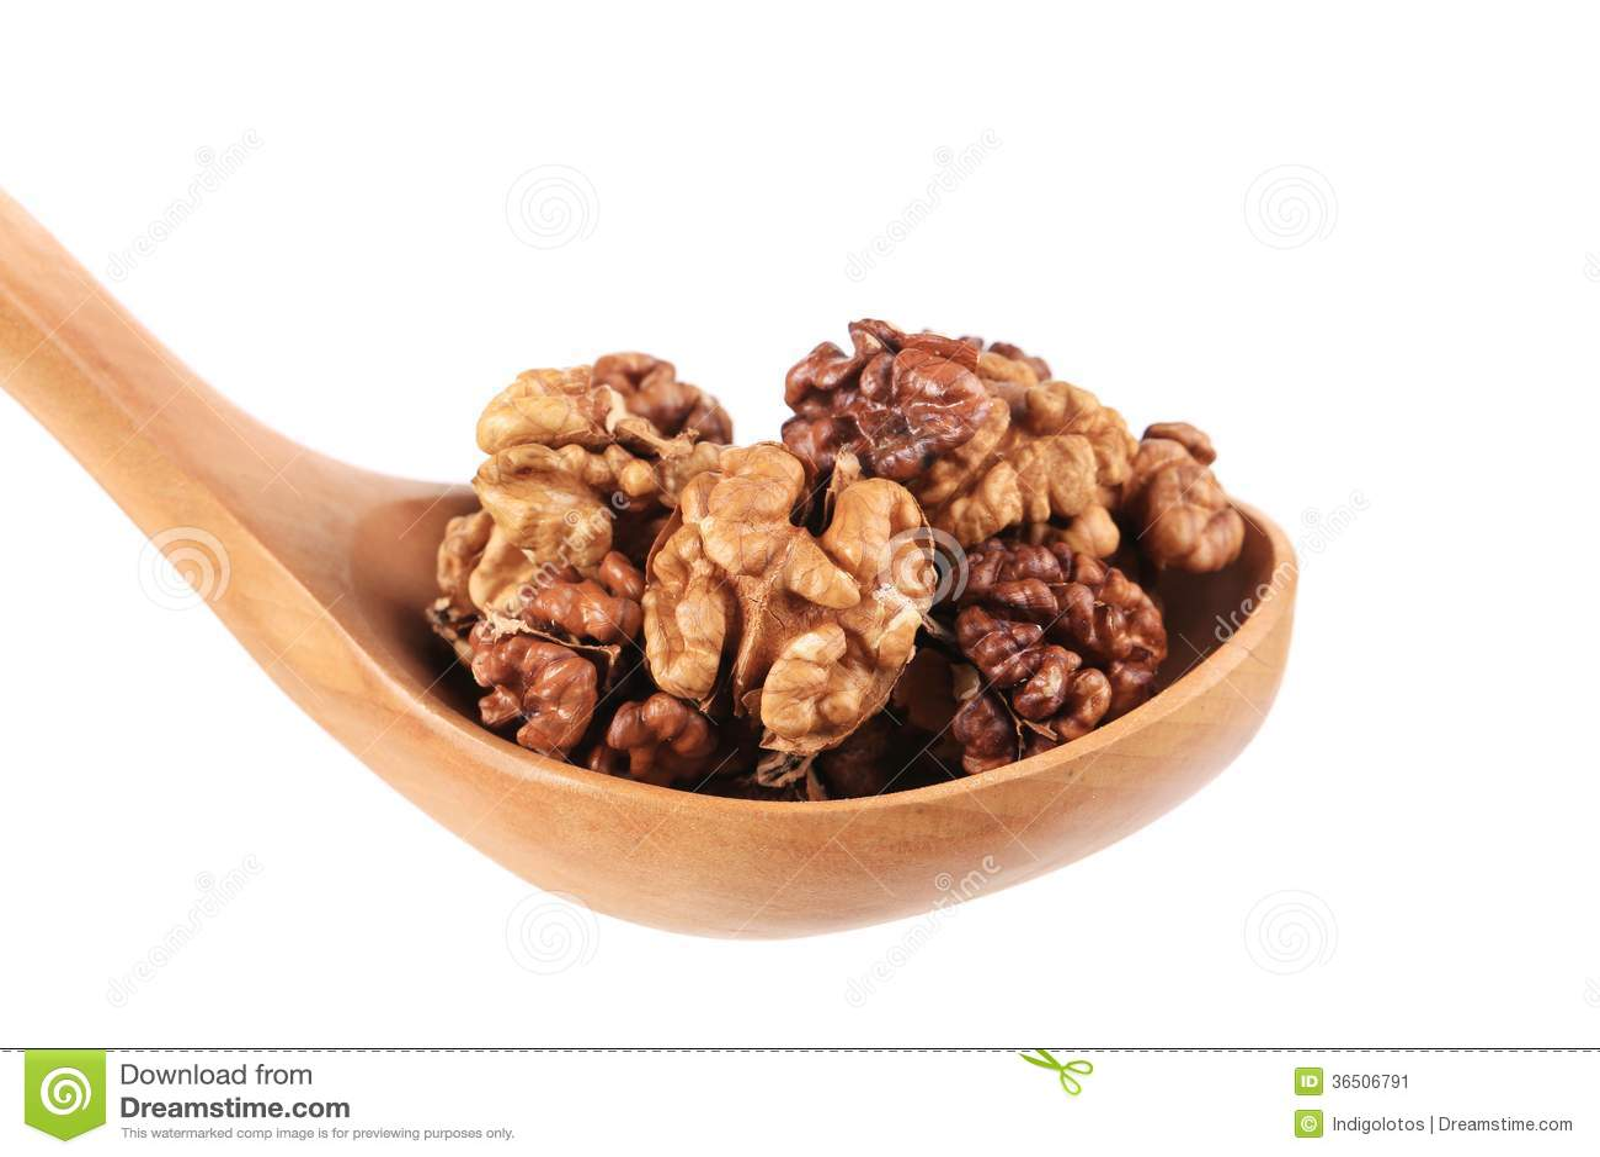 Cuillère en bois complètement avec des noix.